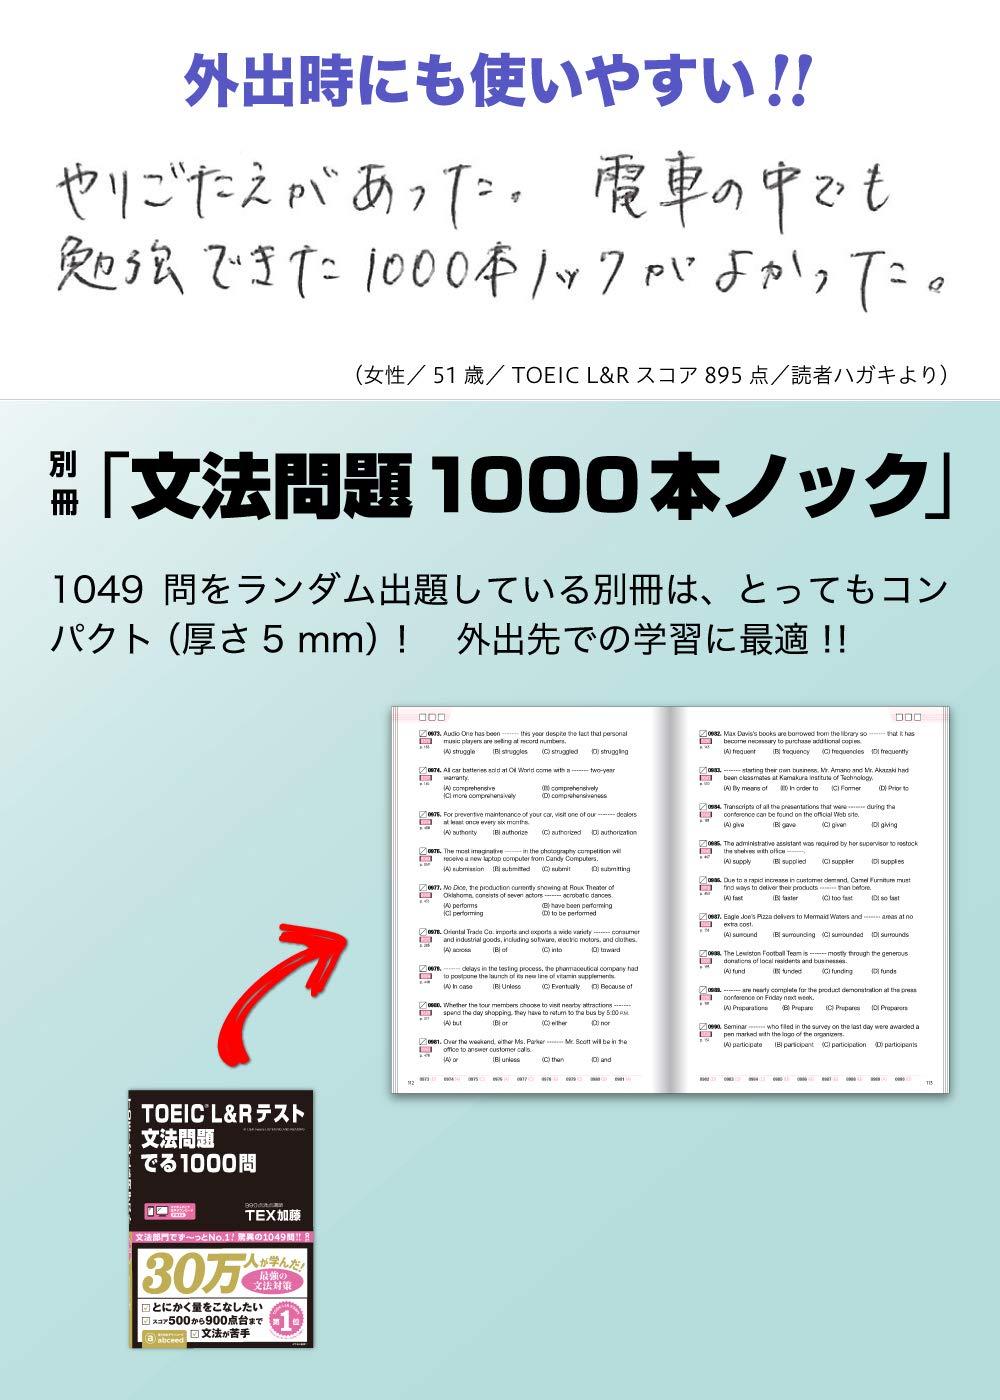 文法 特急 toeic TOEIC文法参考書を紹介します!どれがおすすめなの~!?|カズエイゴ|TOEICブロガーのTOEIC勉強法